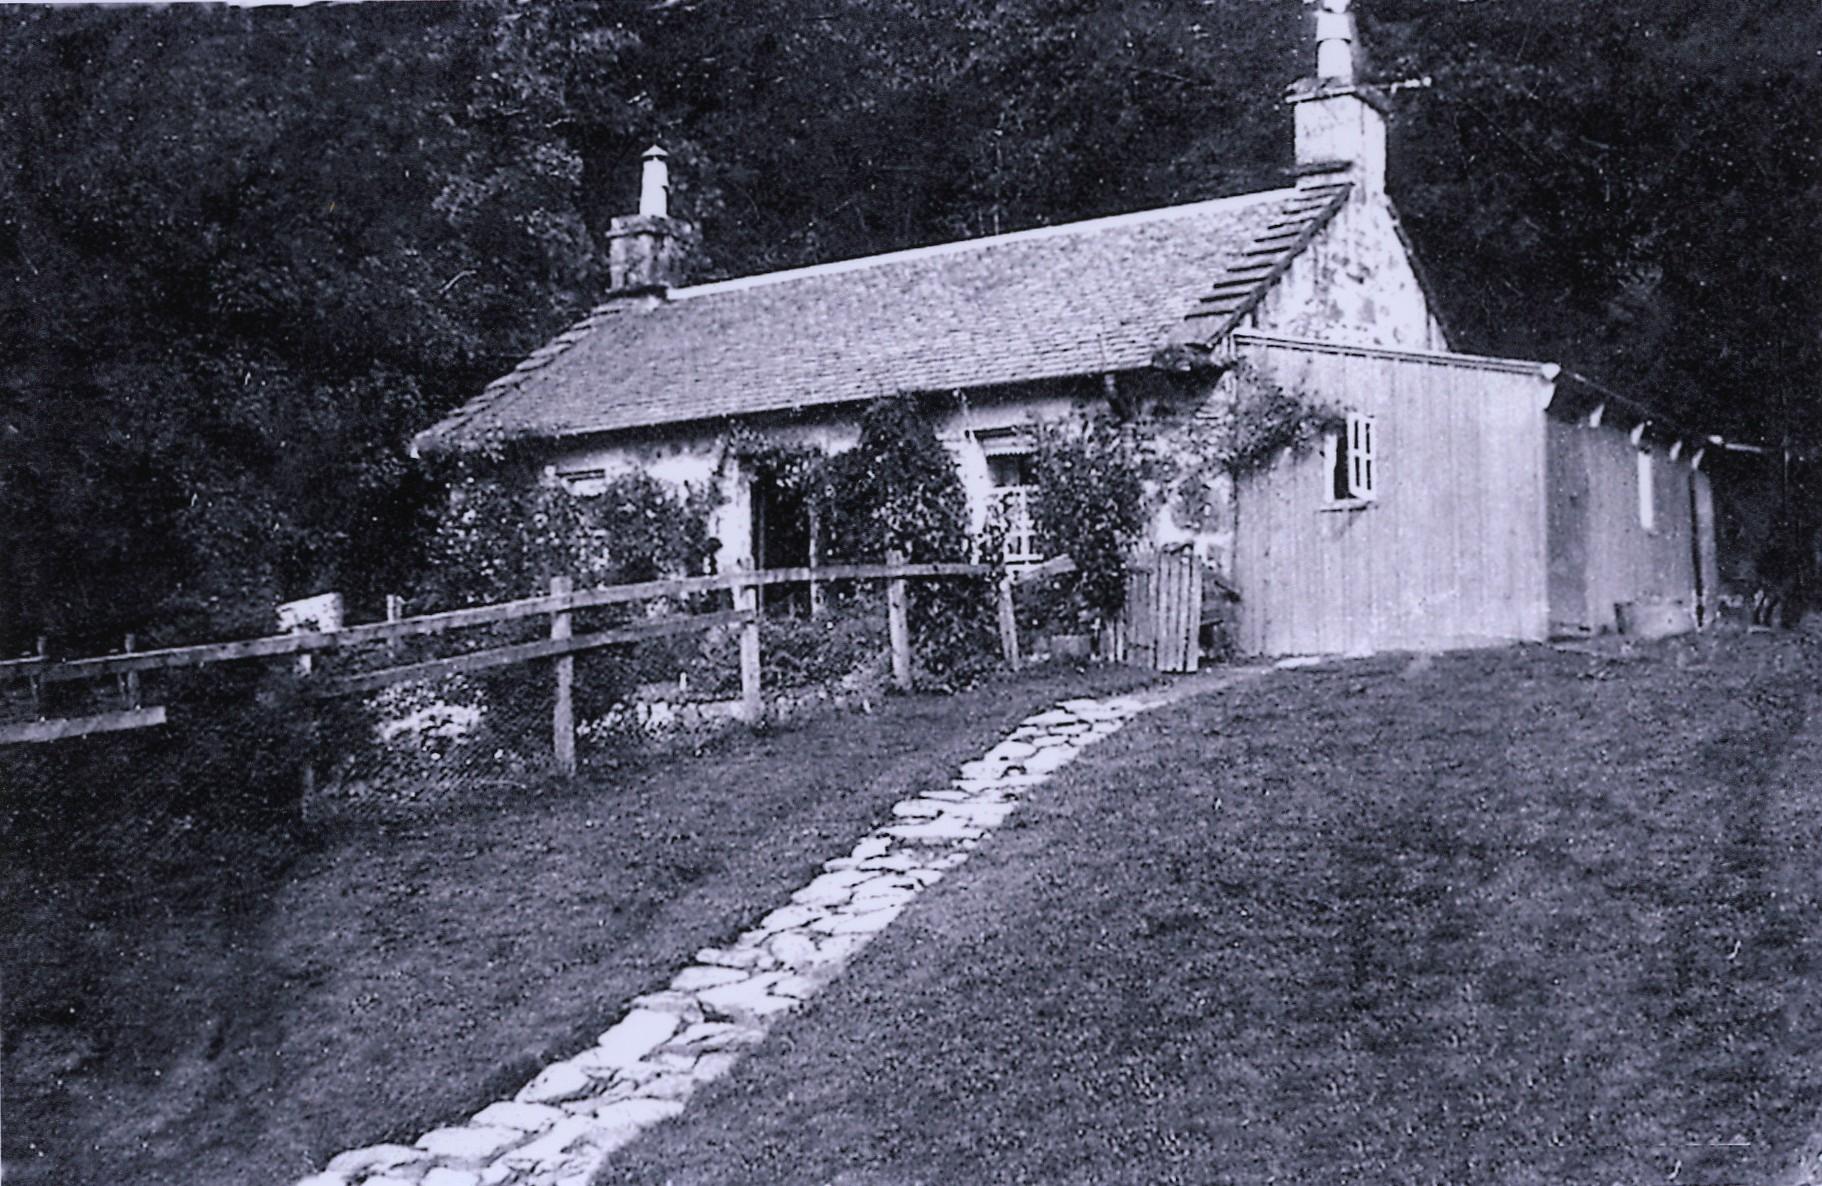 Dundarave Cottage